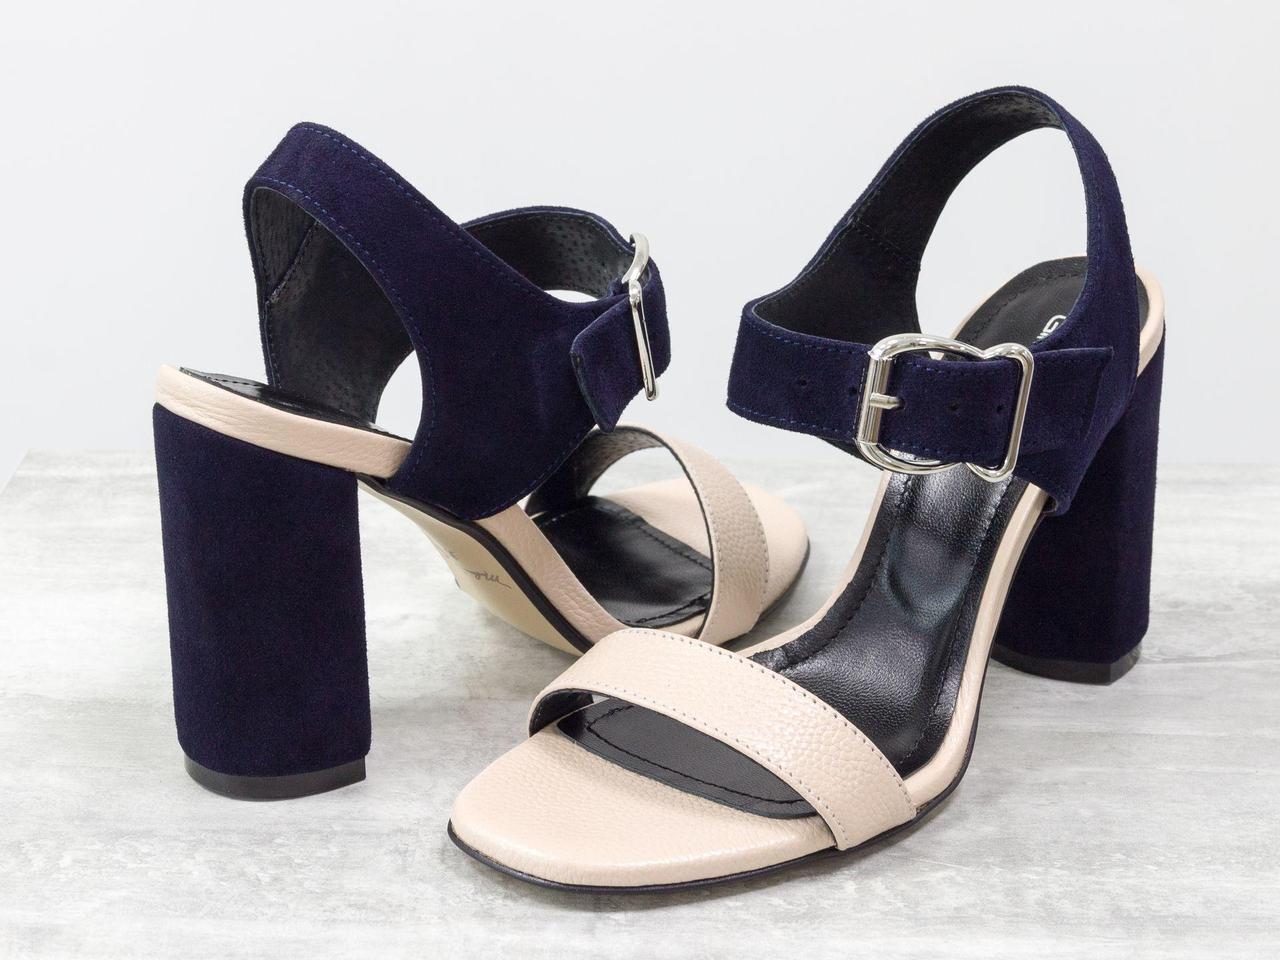 Женские босоножки на каблуке, из итальянской кожи пудрового цвета и замши синего цвета